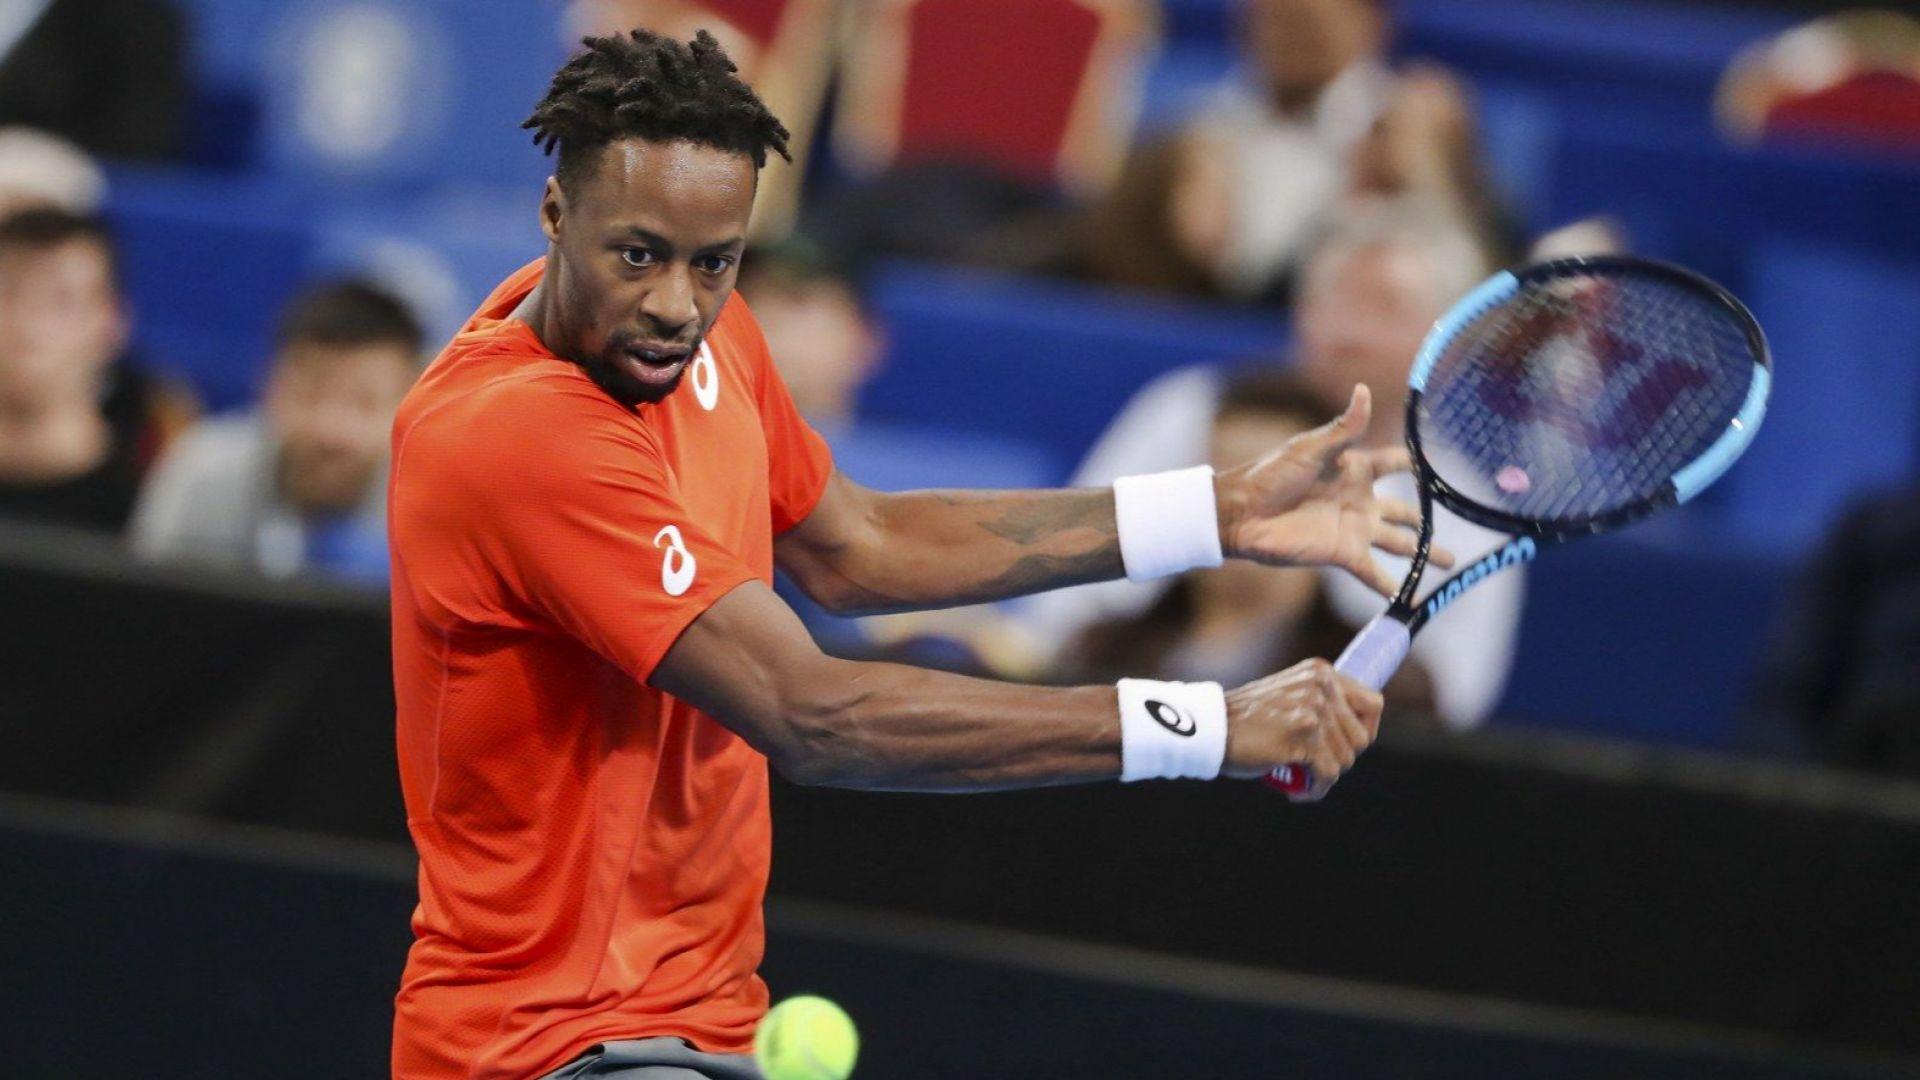 Съзвездие от големи играчи ще има на тенис турнира в София (списък)